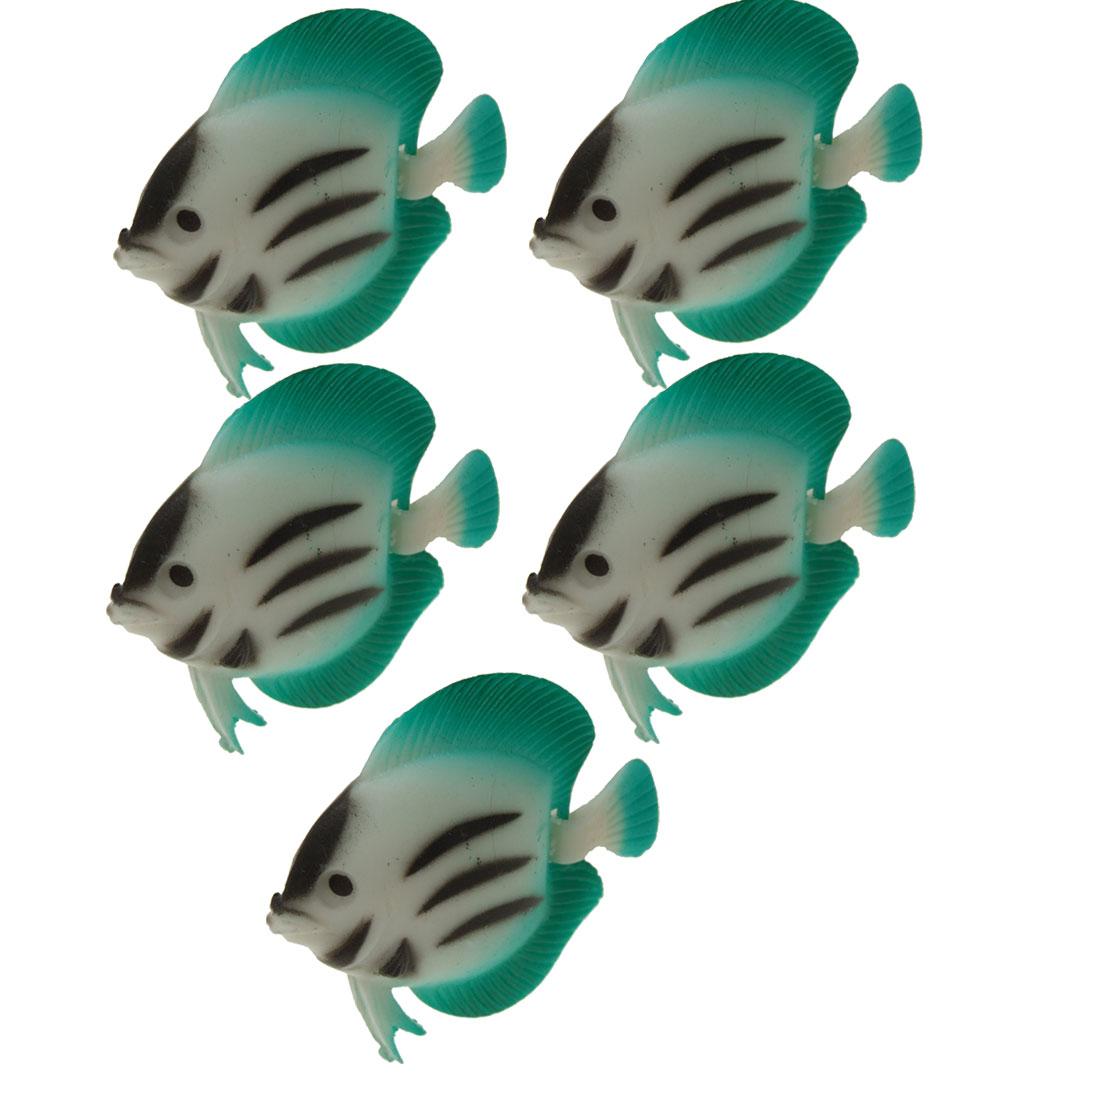 Plastic Floating Fish Water Tank Aquarium Decoration